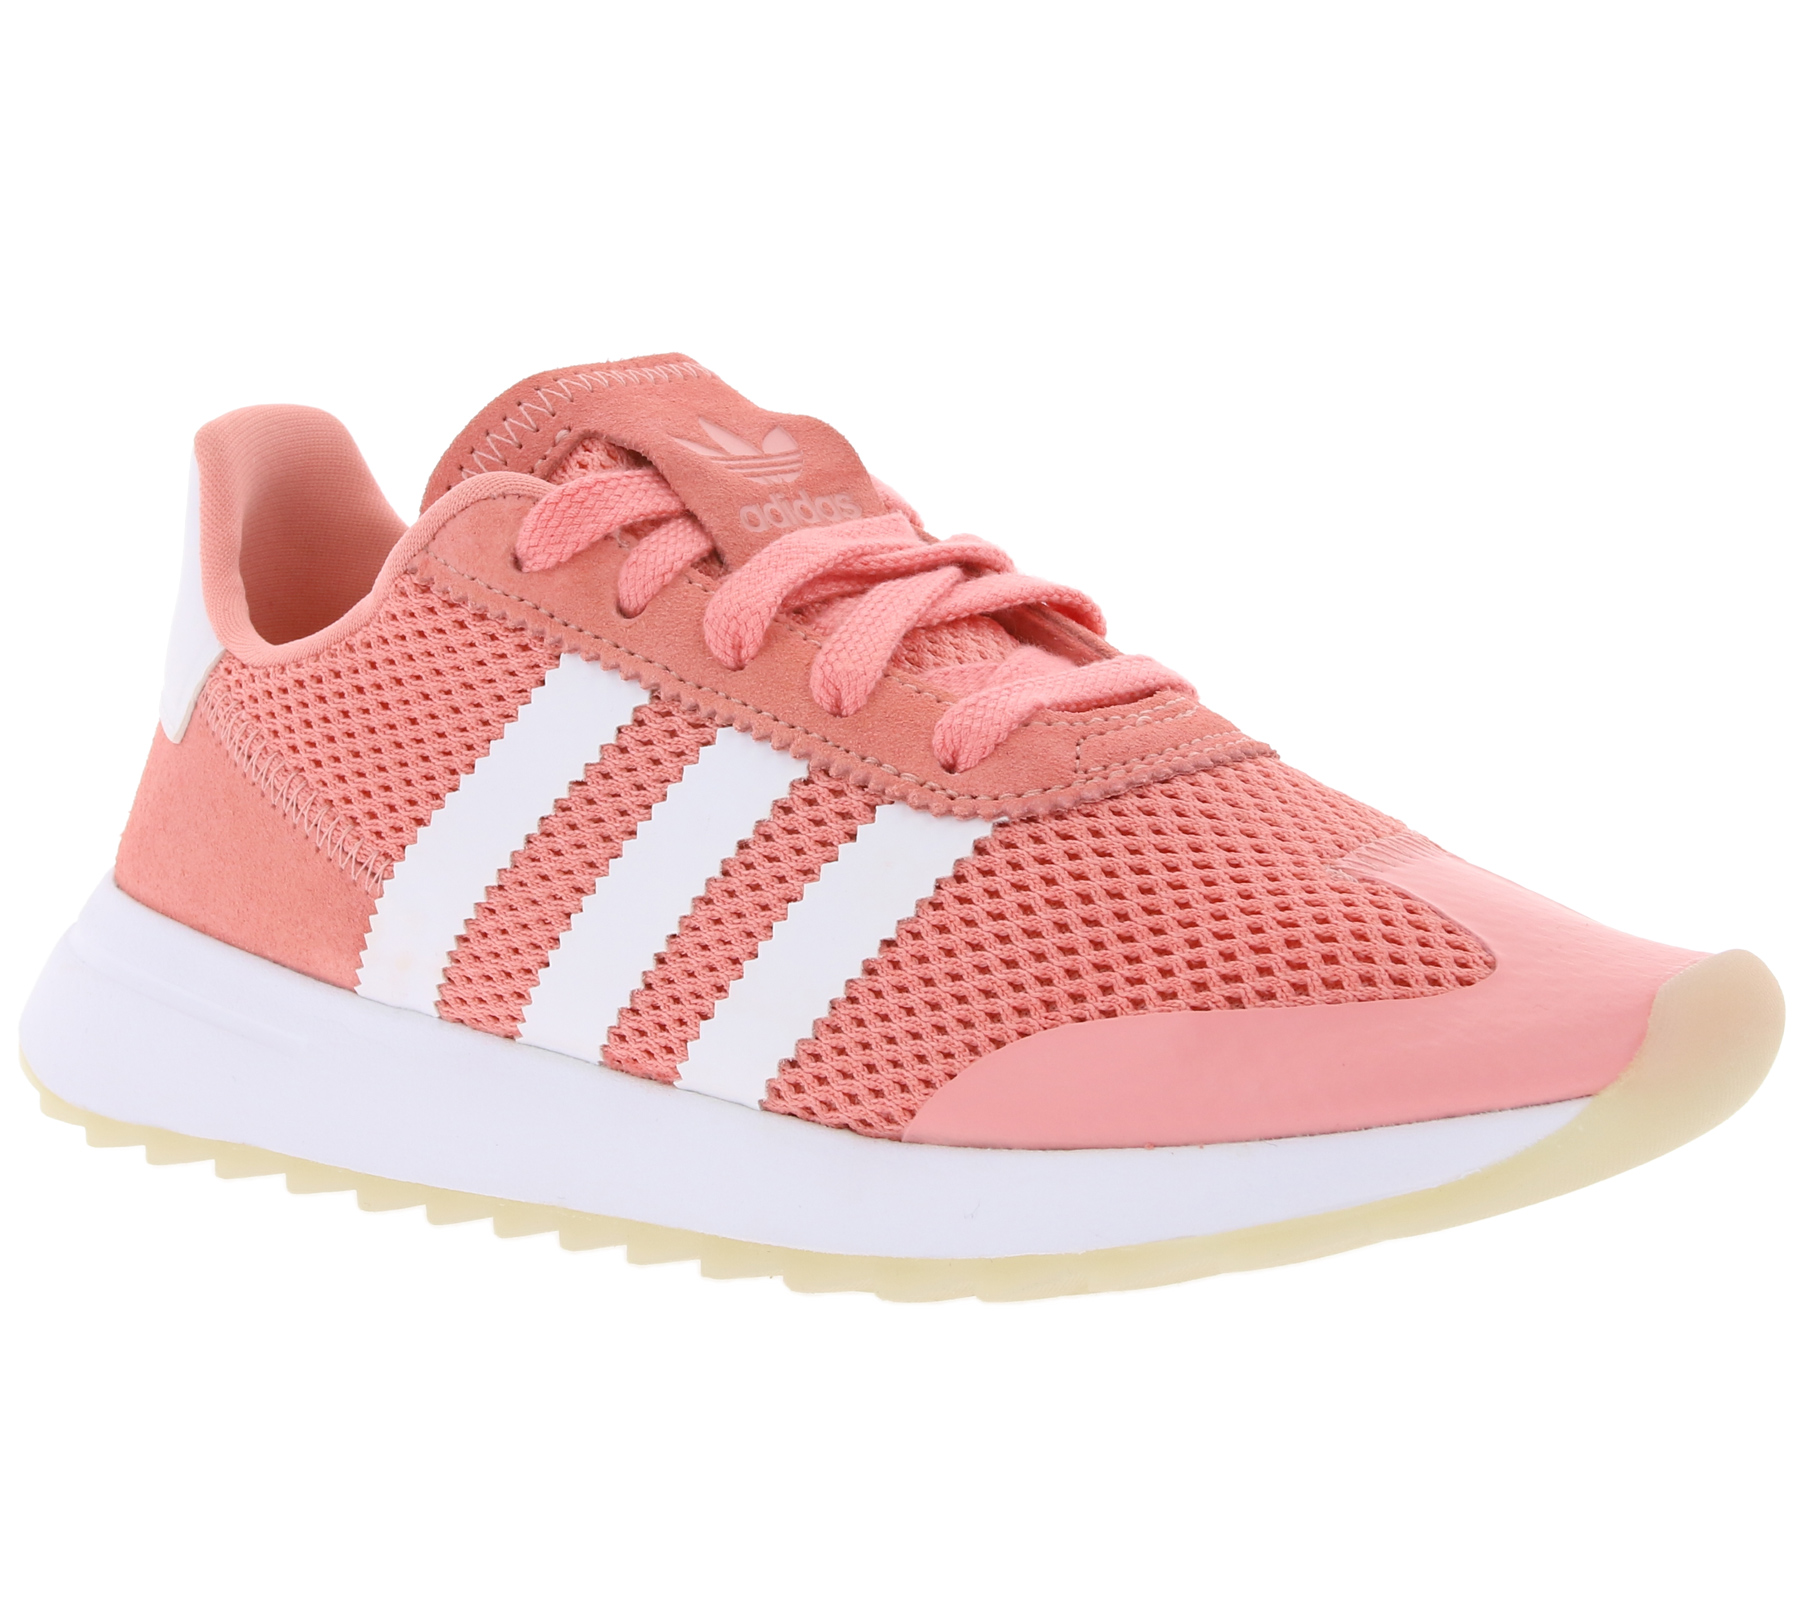 Angebote Marke Für Sportschuhe Damen Der Adidas Aus Werbung